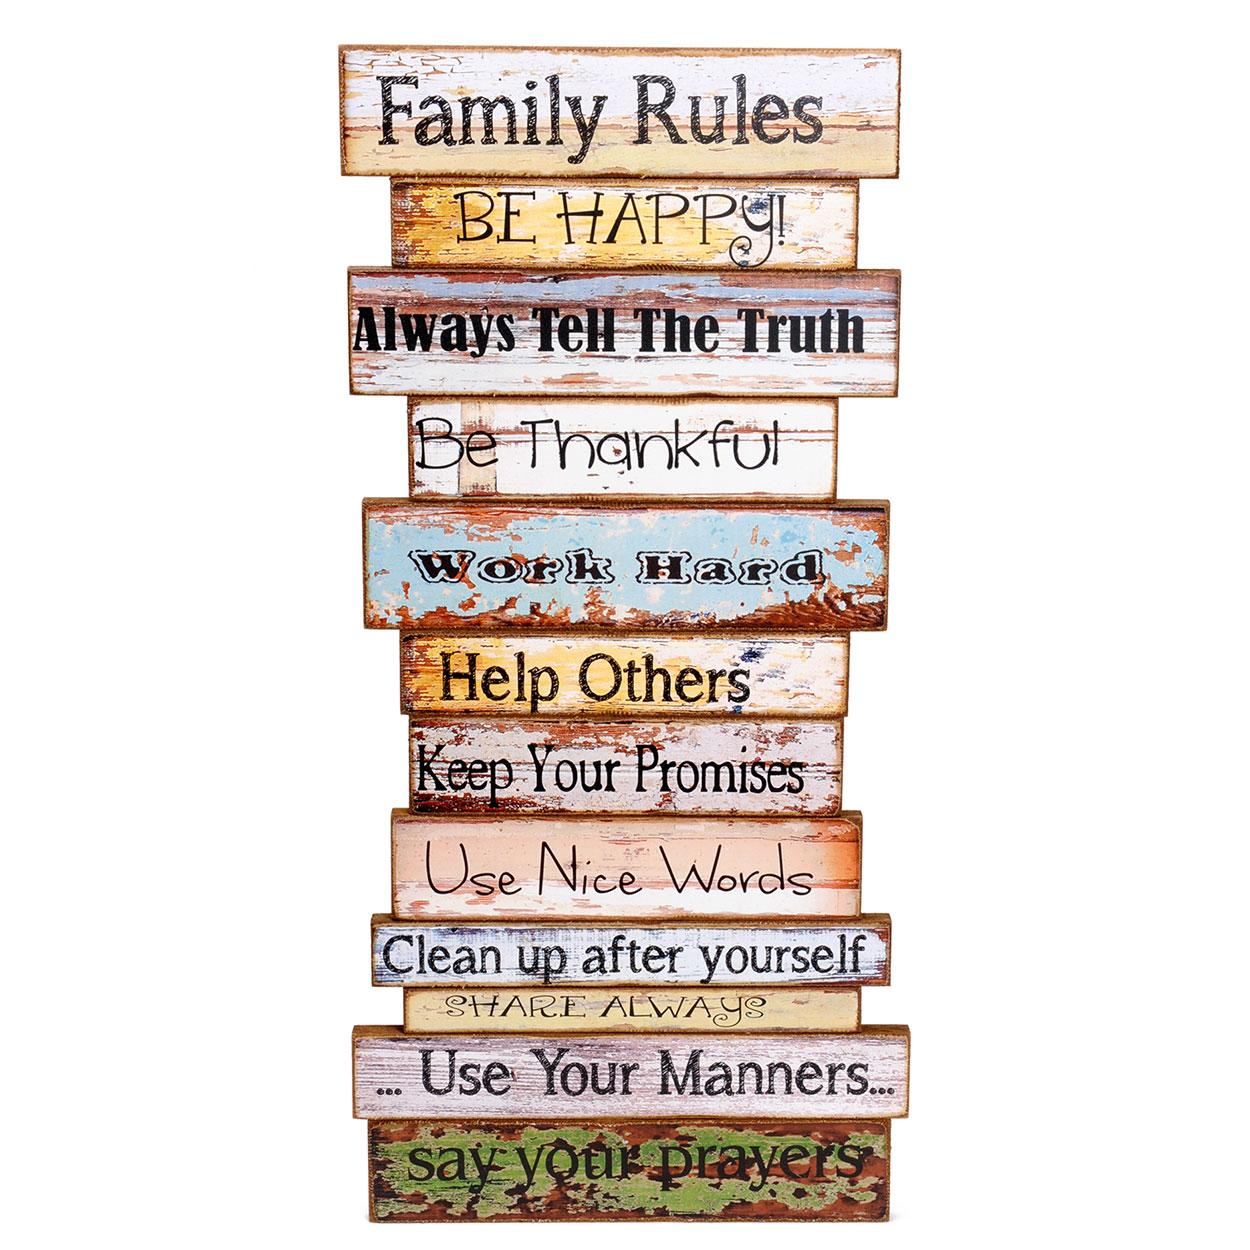 Wanddecoratie Bord Hout.Houten Wanddecoratie Family Rules Online Kopen Lobbes Nl